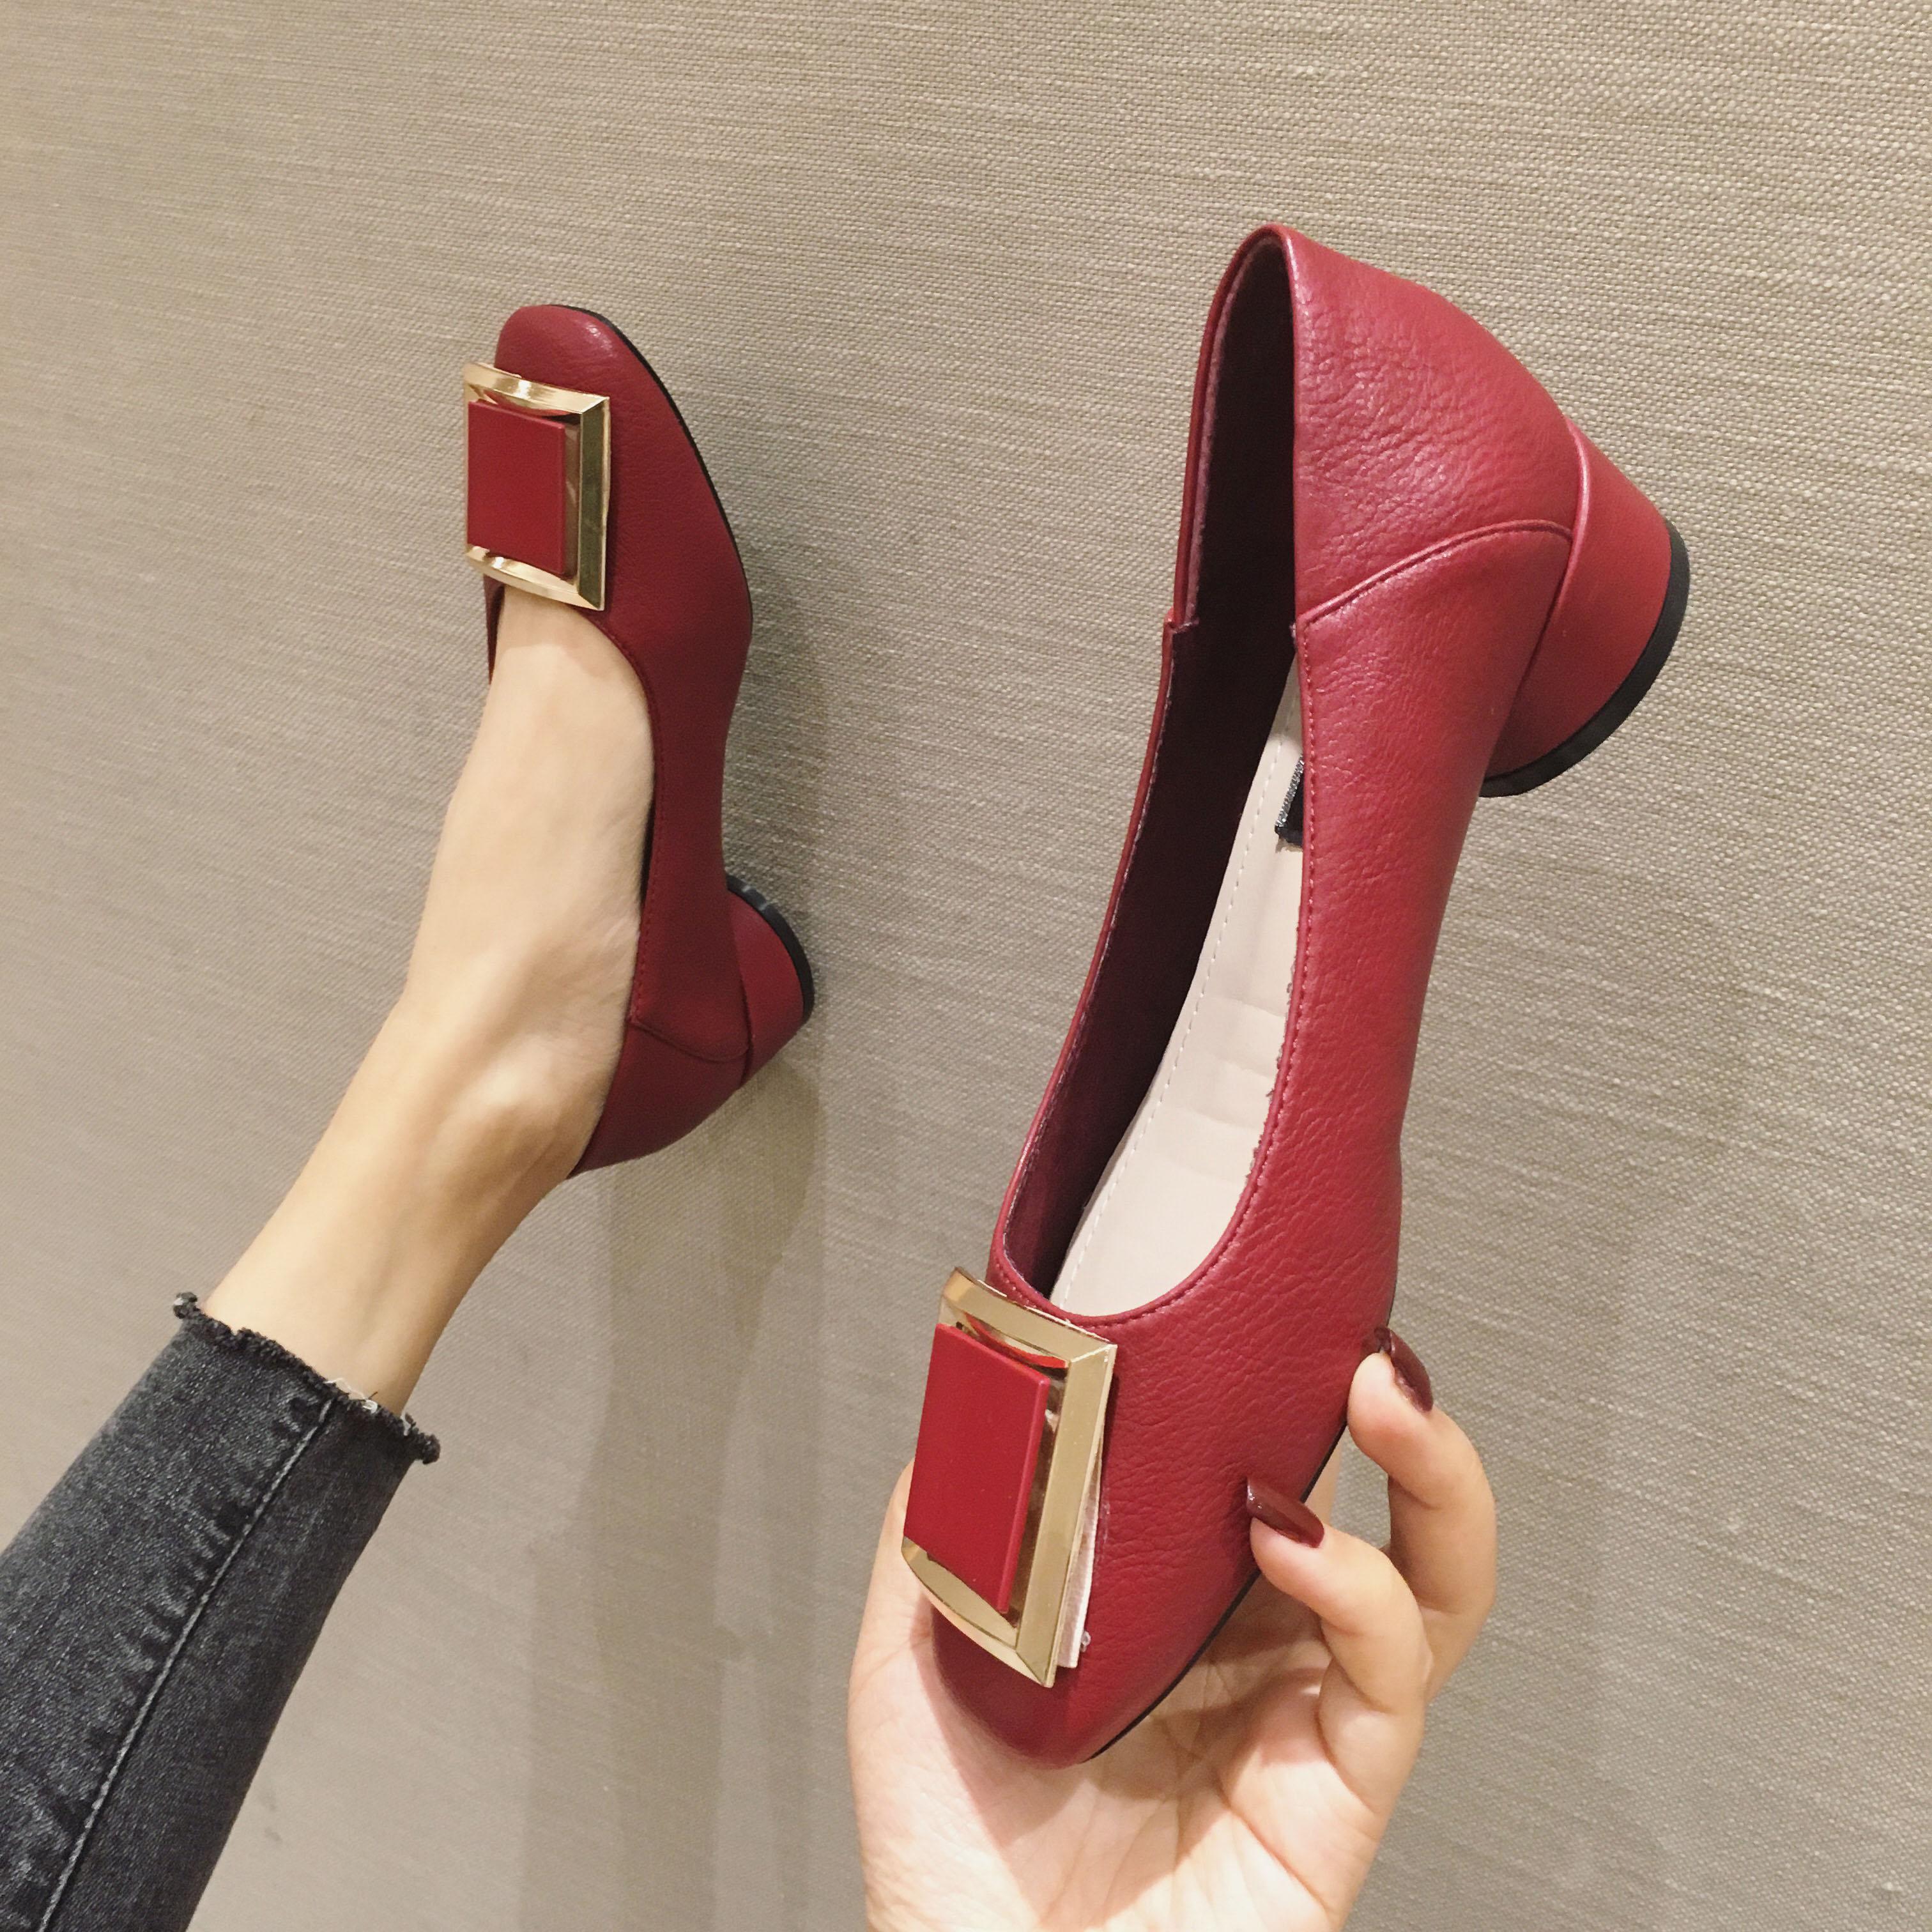 英伦时尚单鞋 英伦风女鞋春季新款韩版时尚百搭金属方扣浅口中跟黑色单鞋显瘦鞋_推荐淘宝好看的英伦时尚单鞋